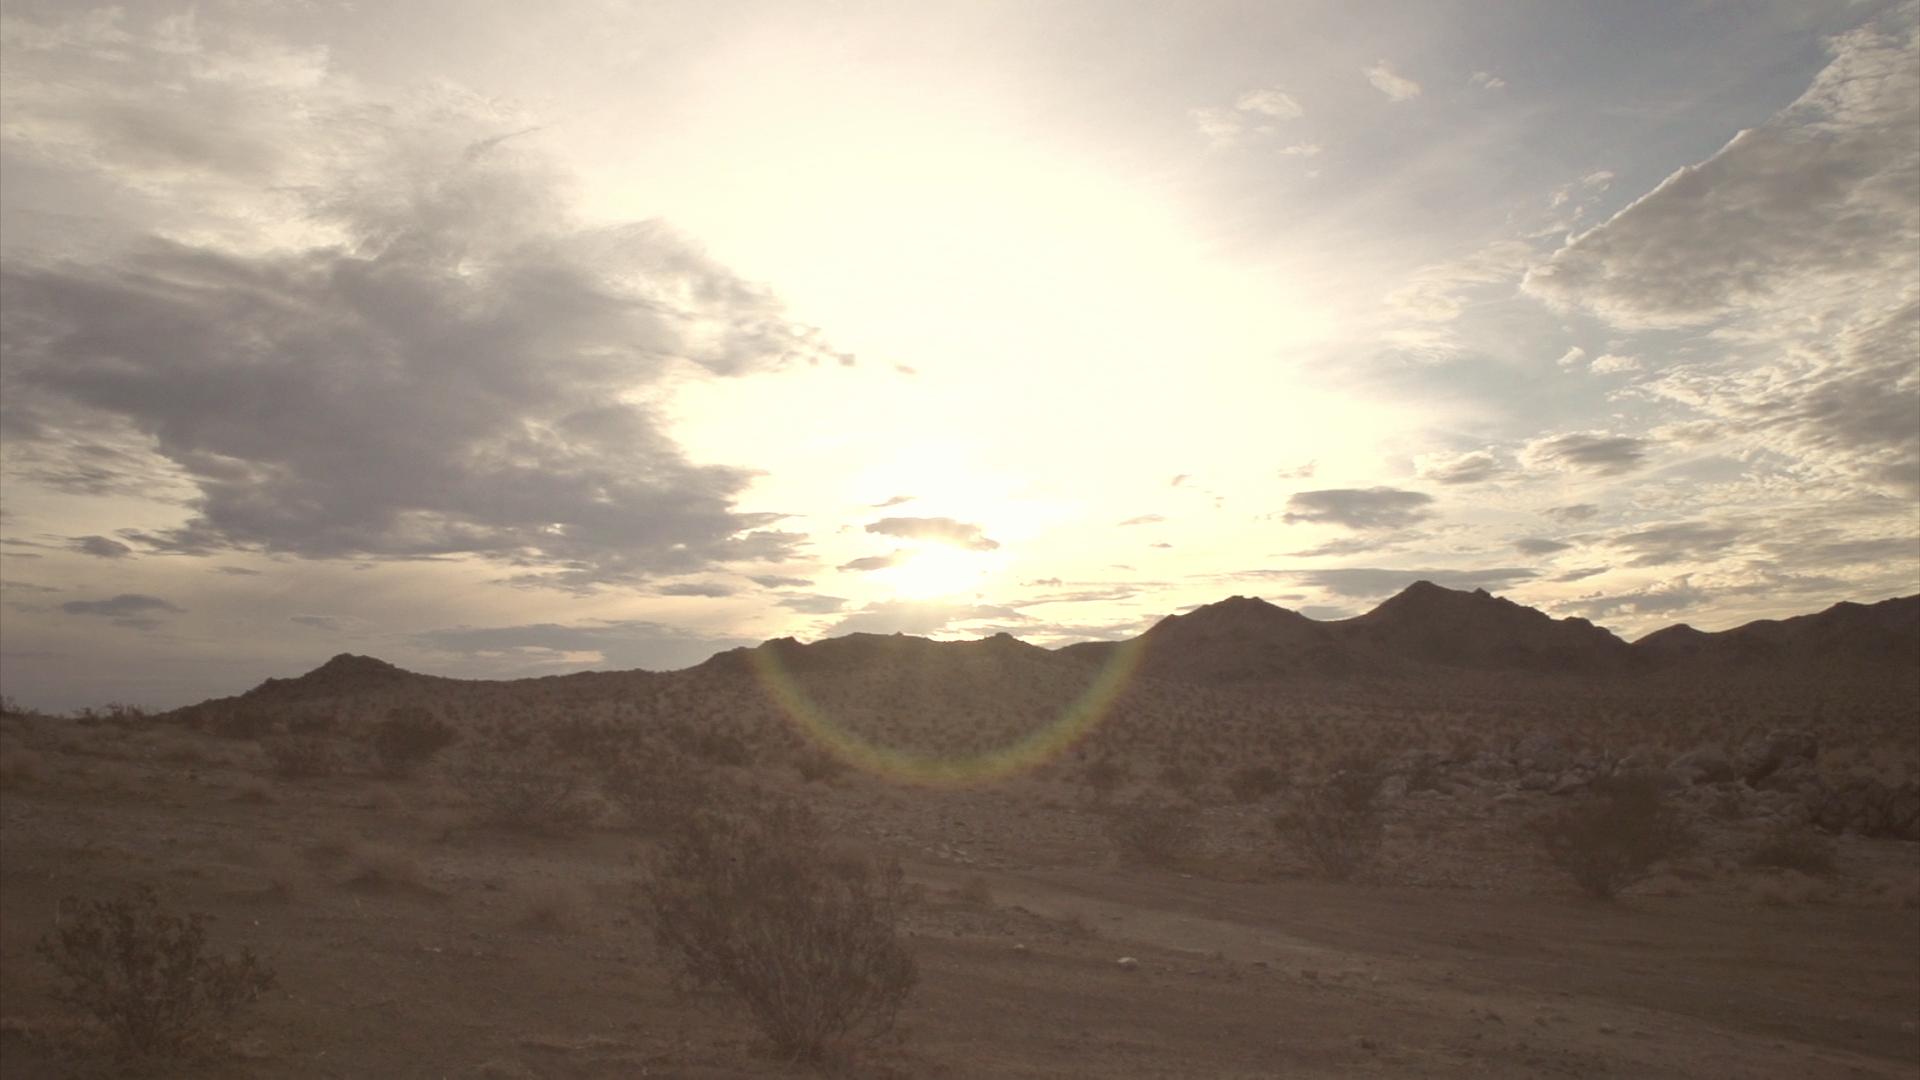 Screen Shot 2013-12-29 at 6.48.58 PM.png